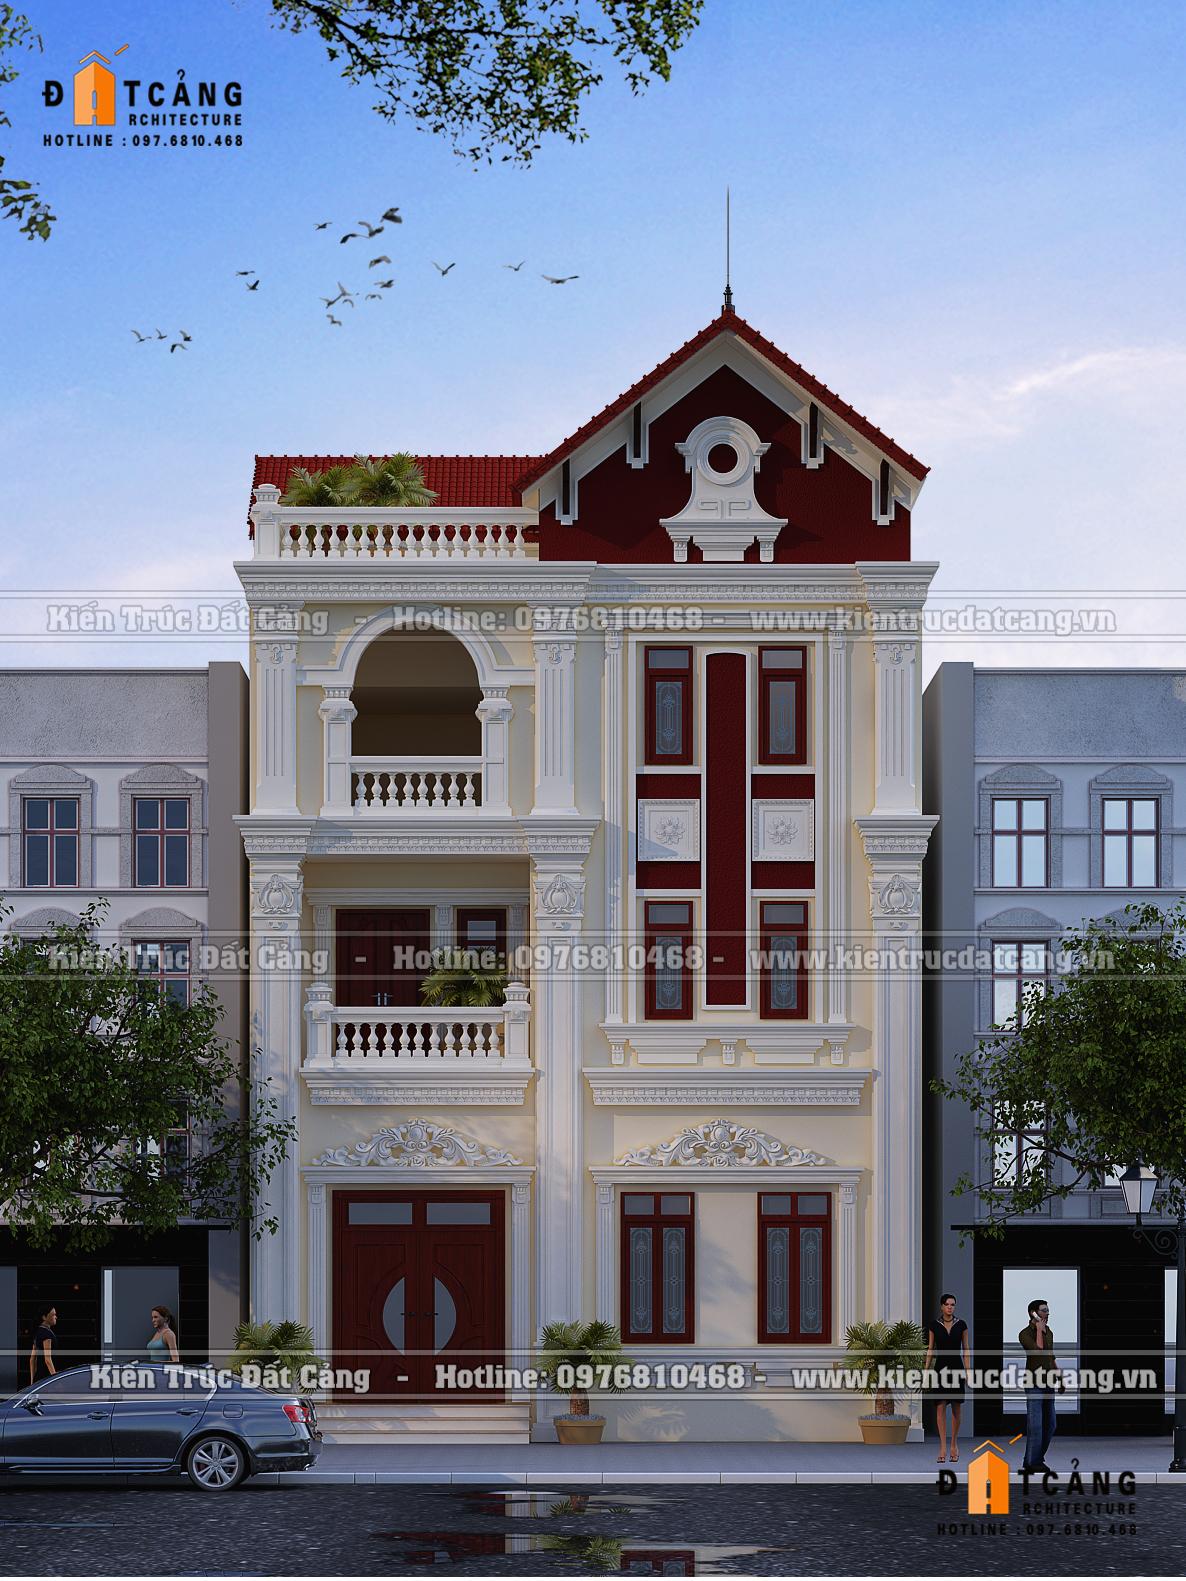 Phương án thiết kế biệt thự Pháp mái ngói đỏ tân cổ điển quyến rũ